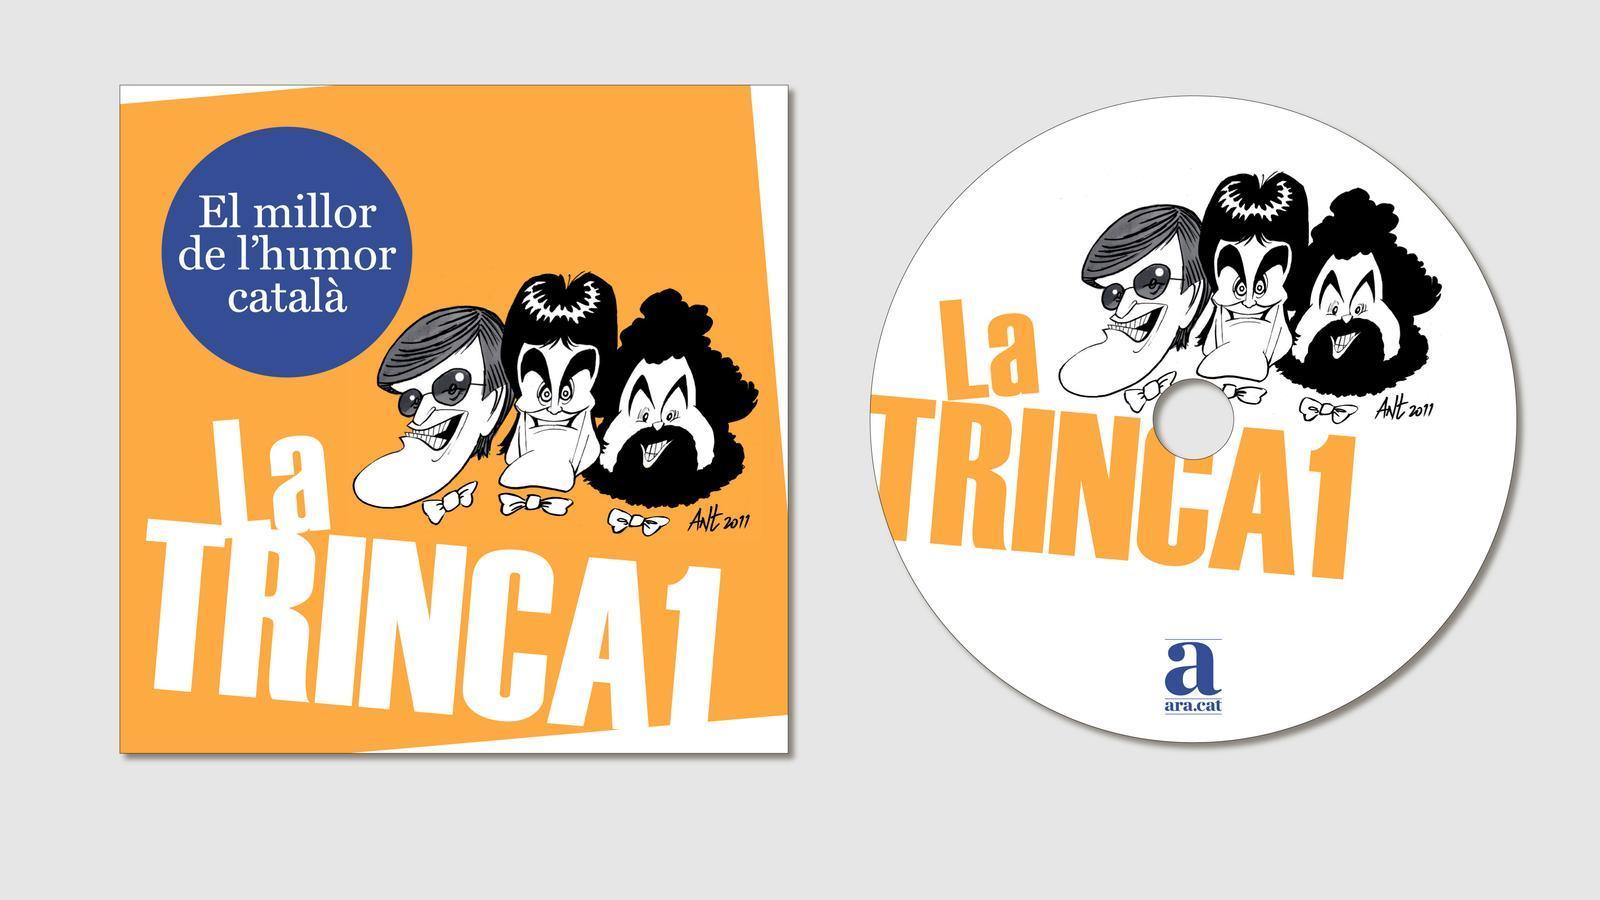 La Trinca, Joan Capri i l'Eugenio són El millor de l'humor català. Cada CD es podrà adquirir per 9,95 euros amb l'ARA.